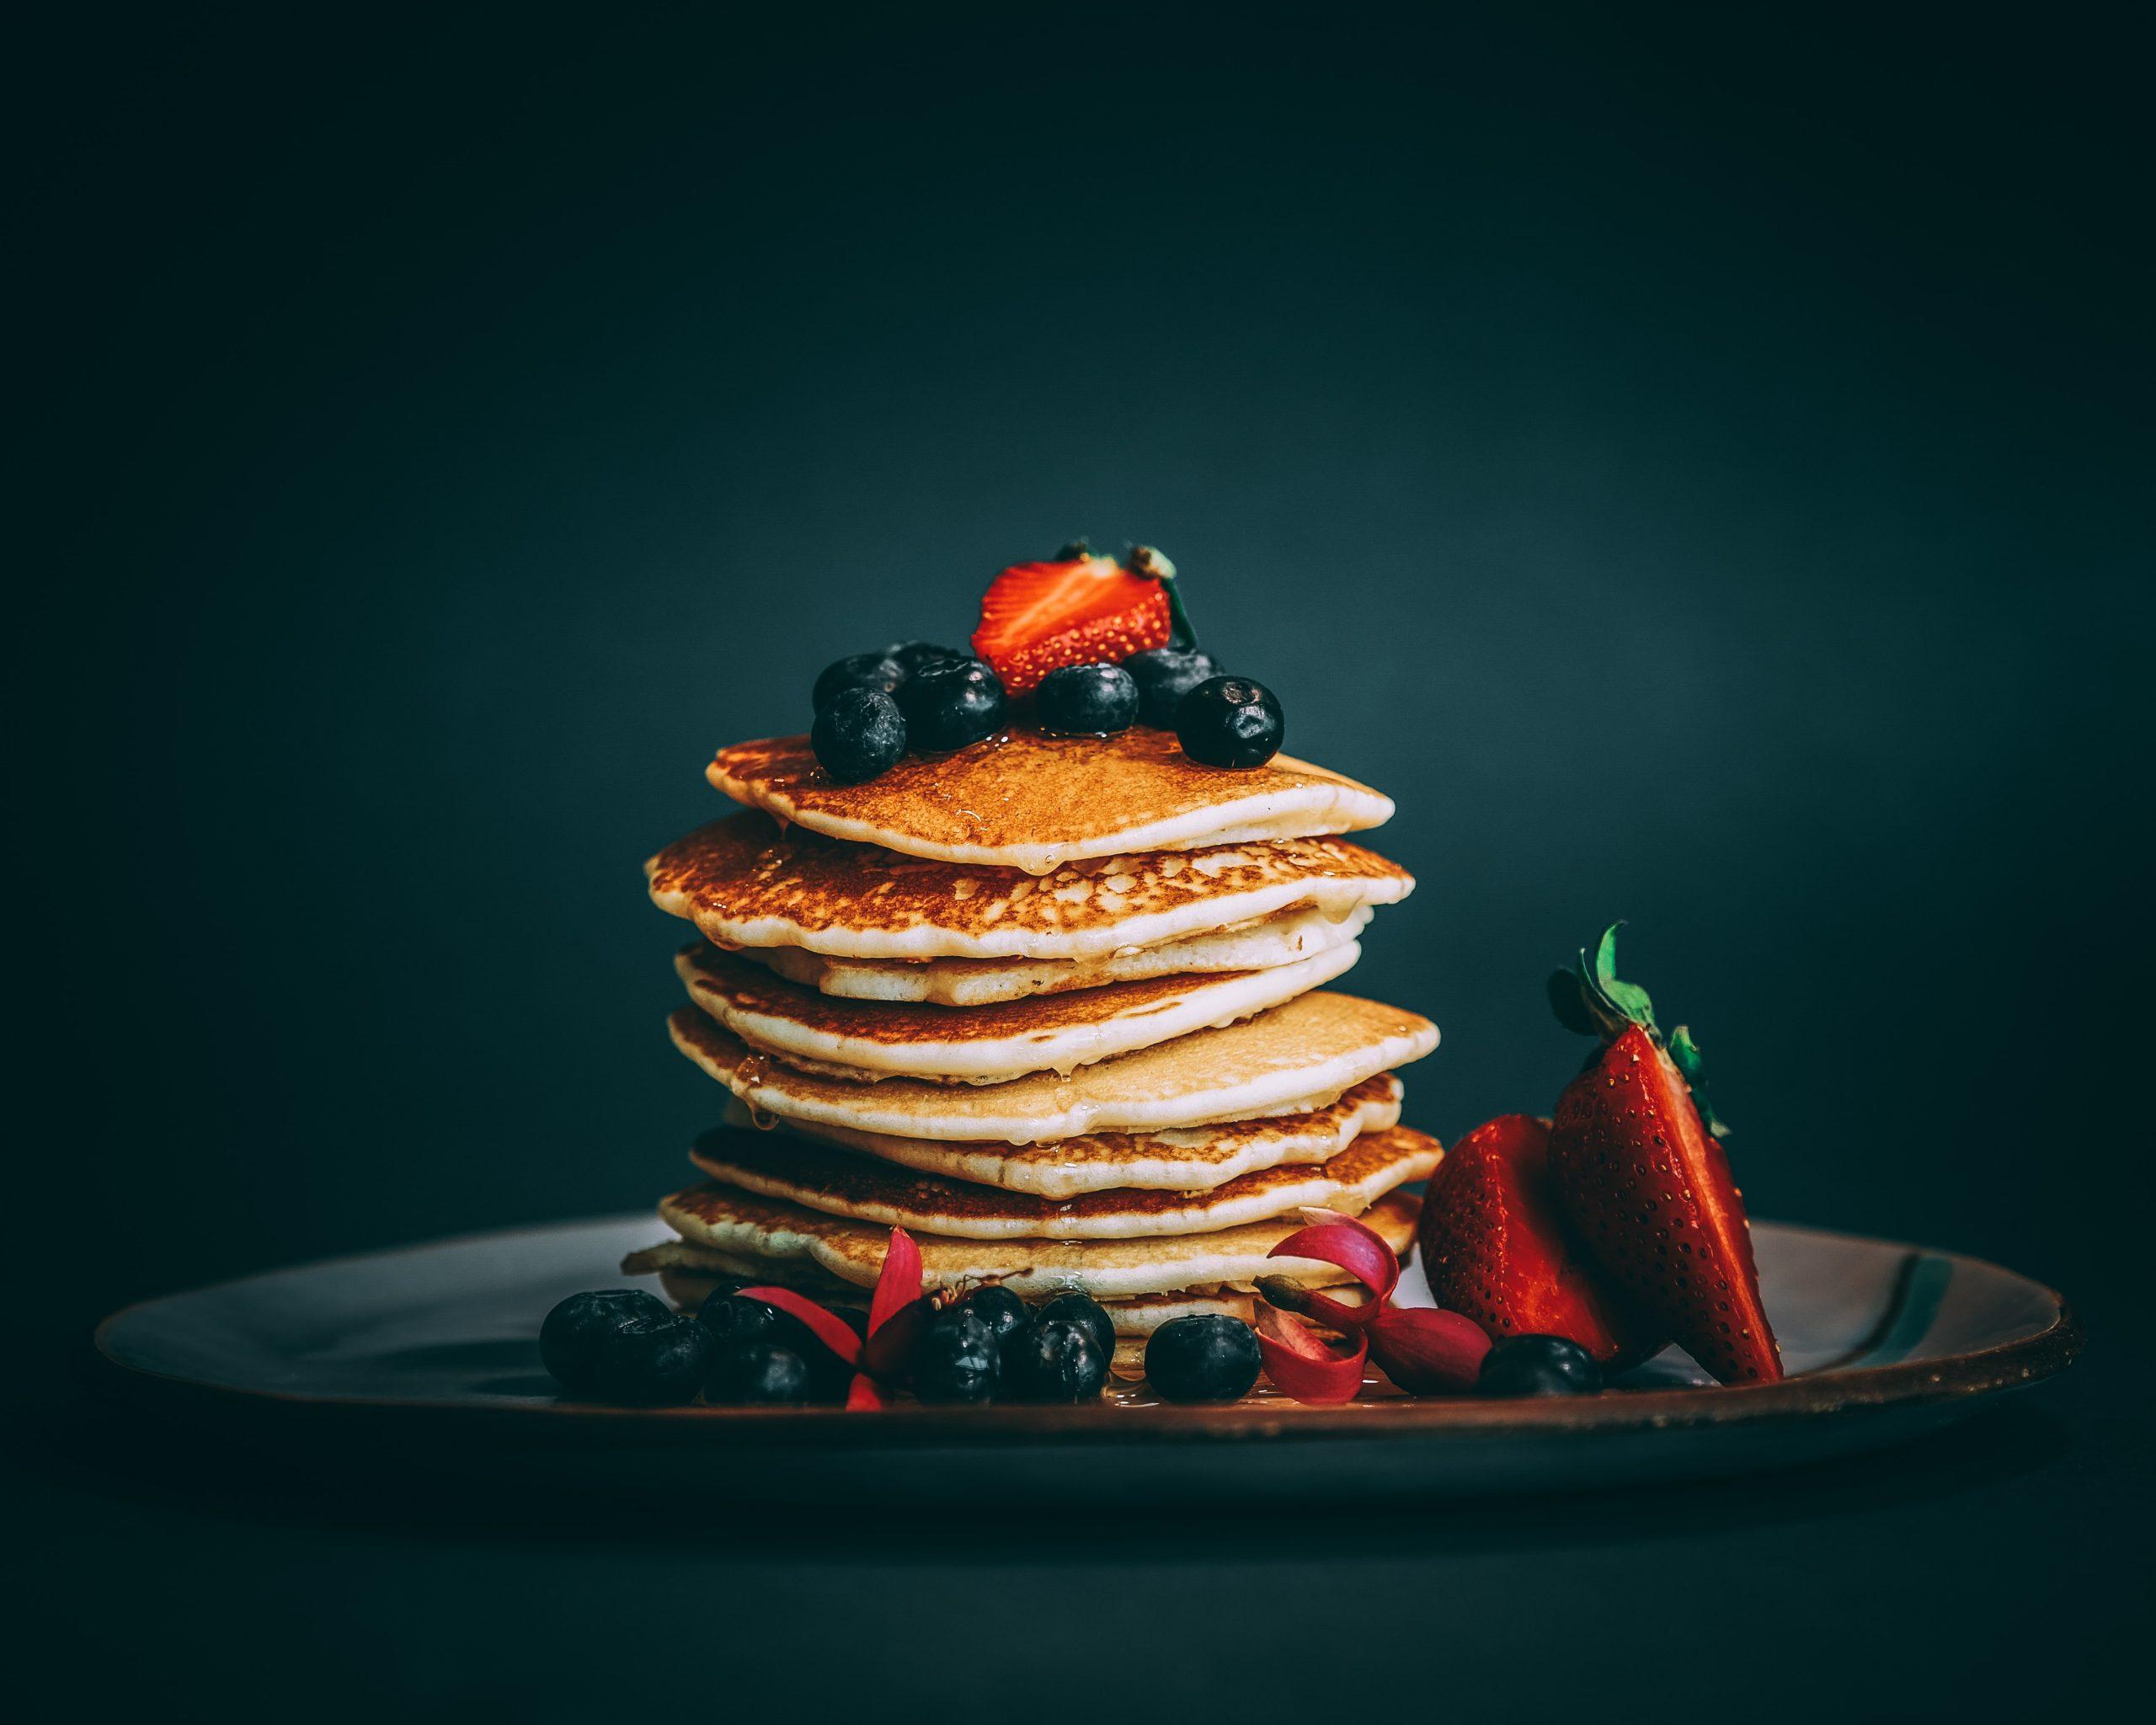 Pancakes for Pancakeswap